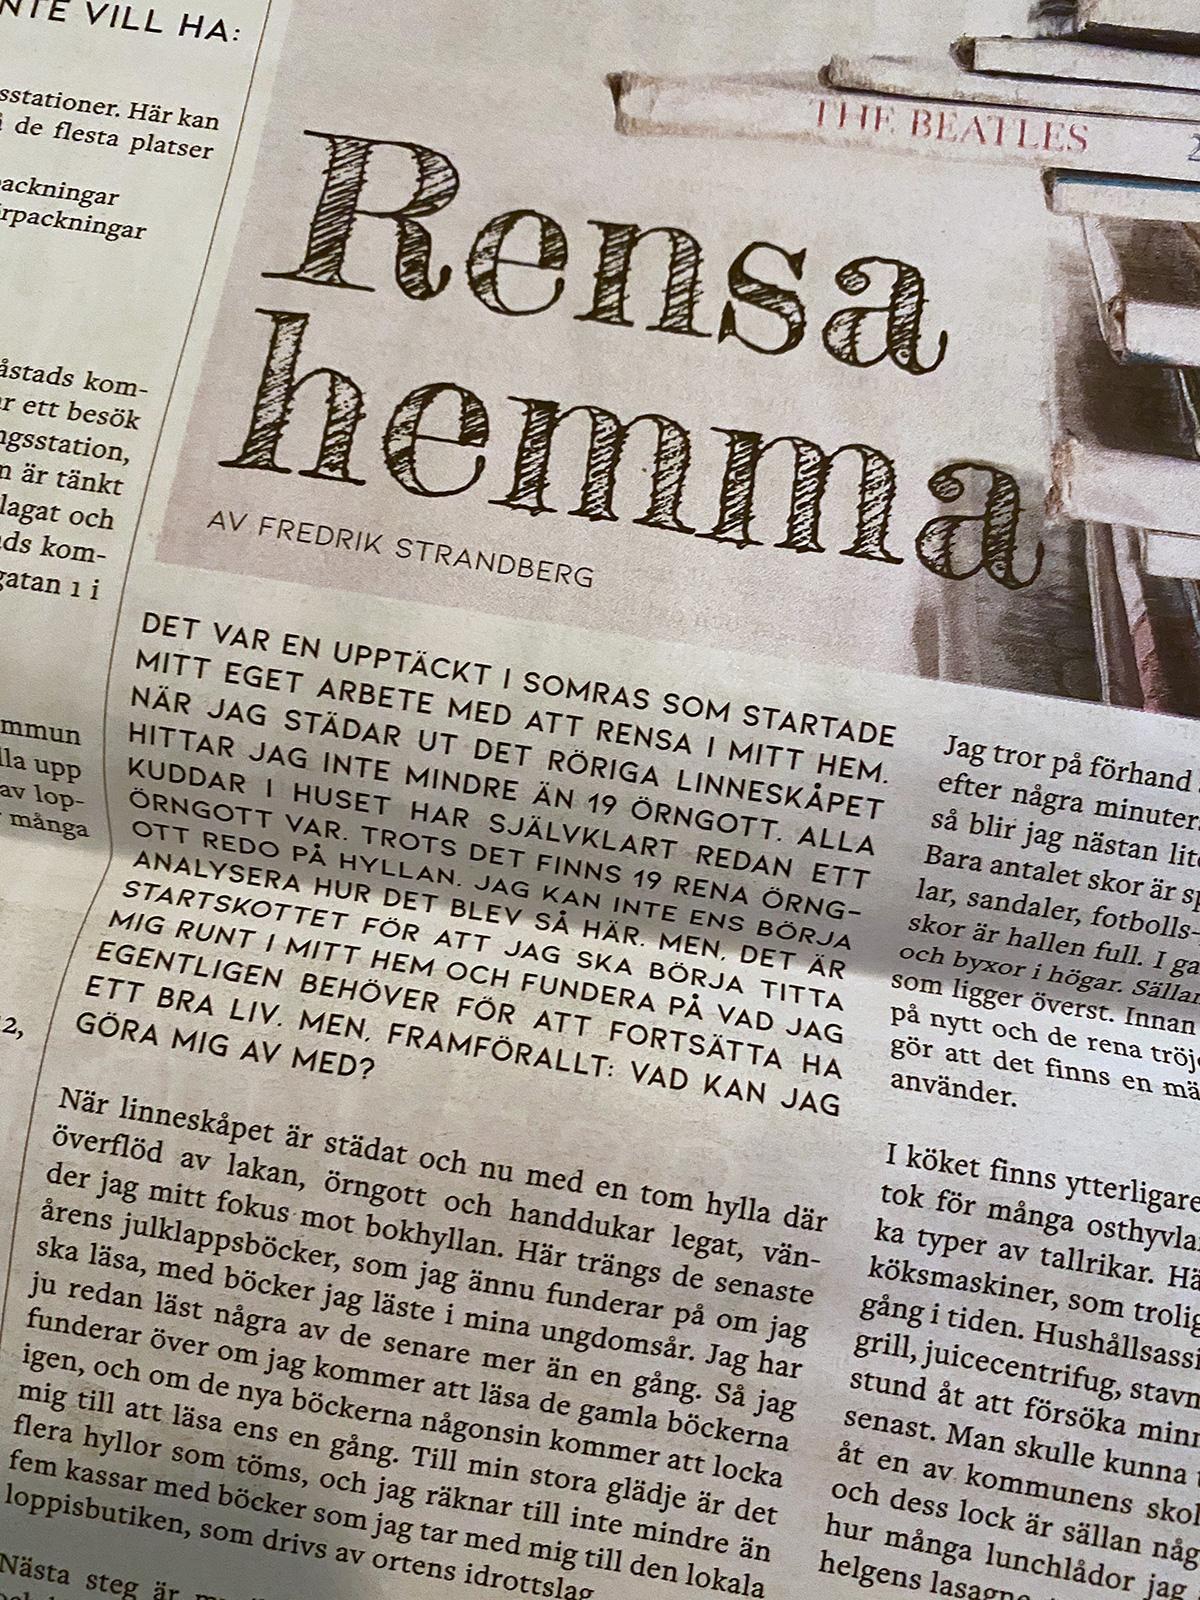 Tidningsdesign och artikelförfattare BjäreNU, 2019 - Fredrik Strandberg